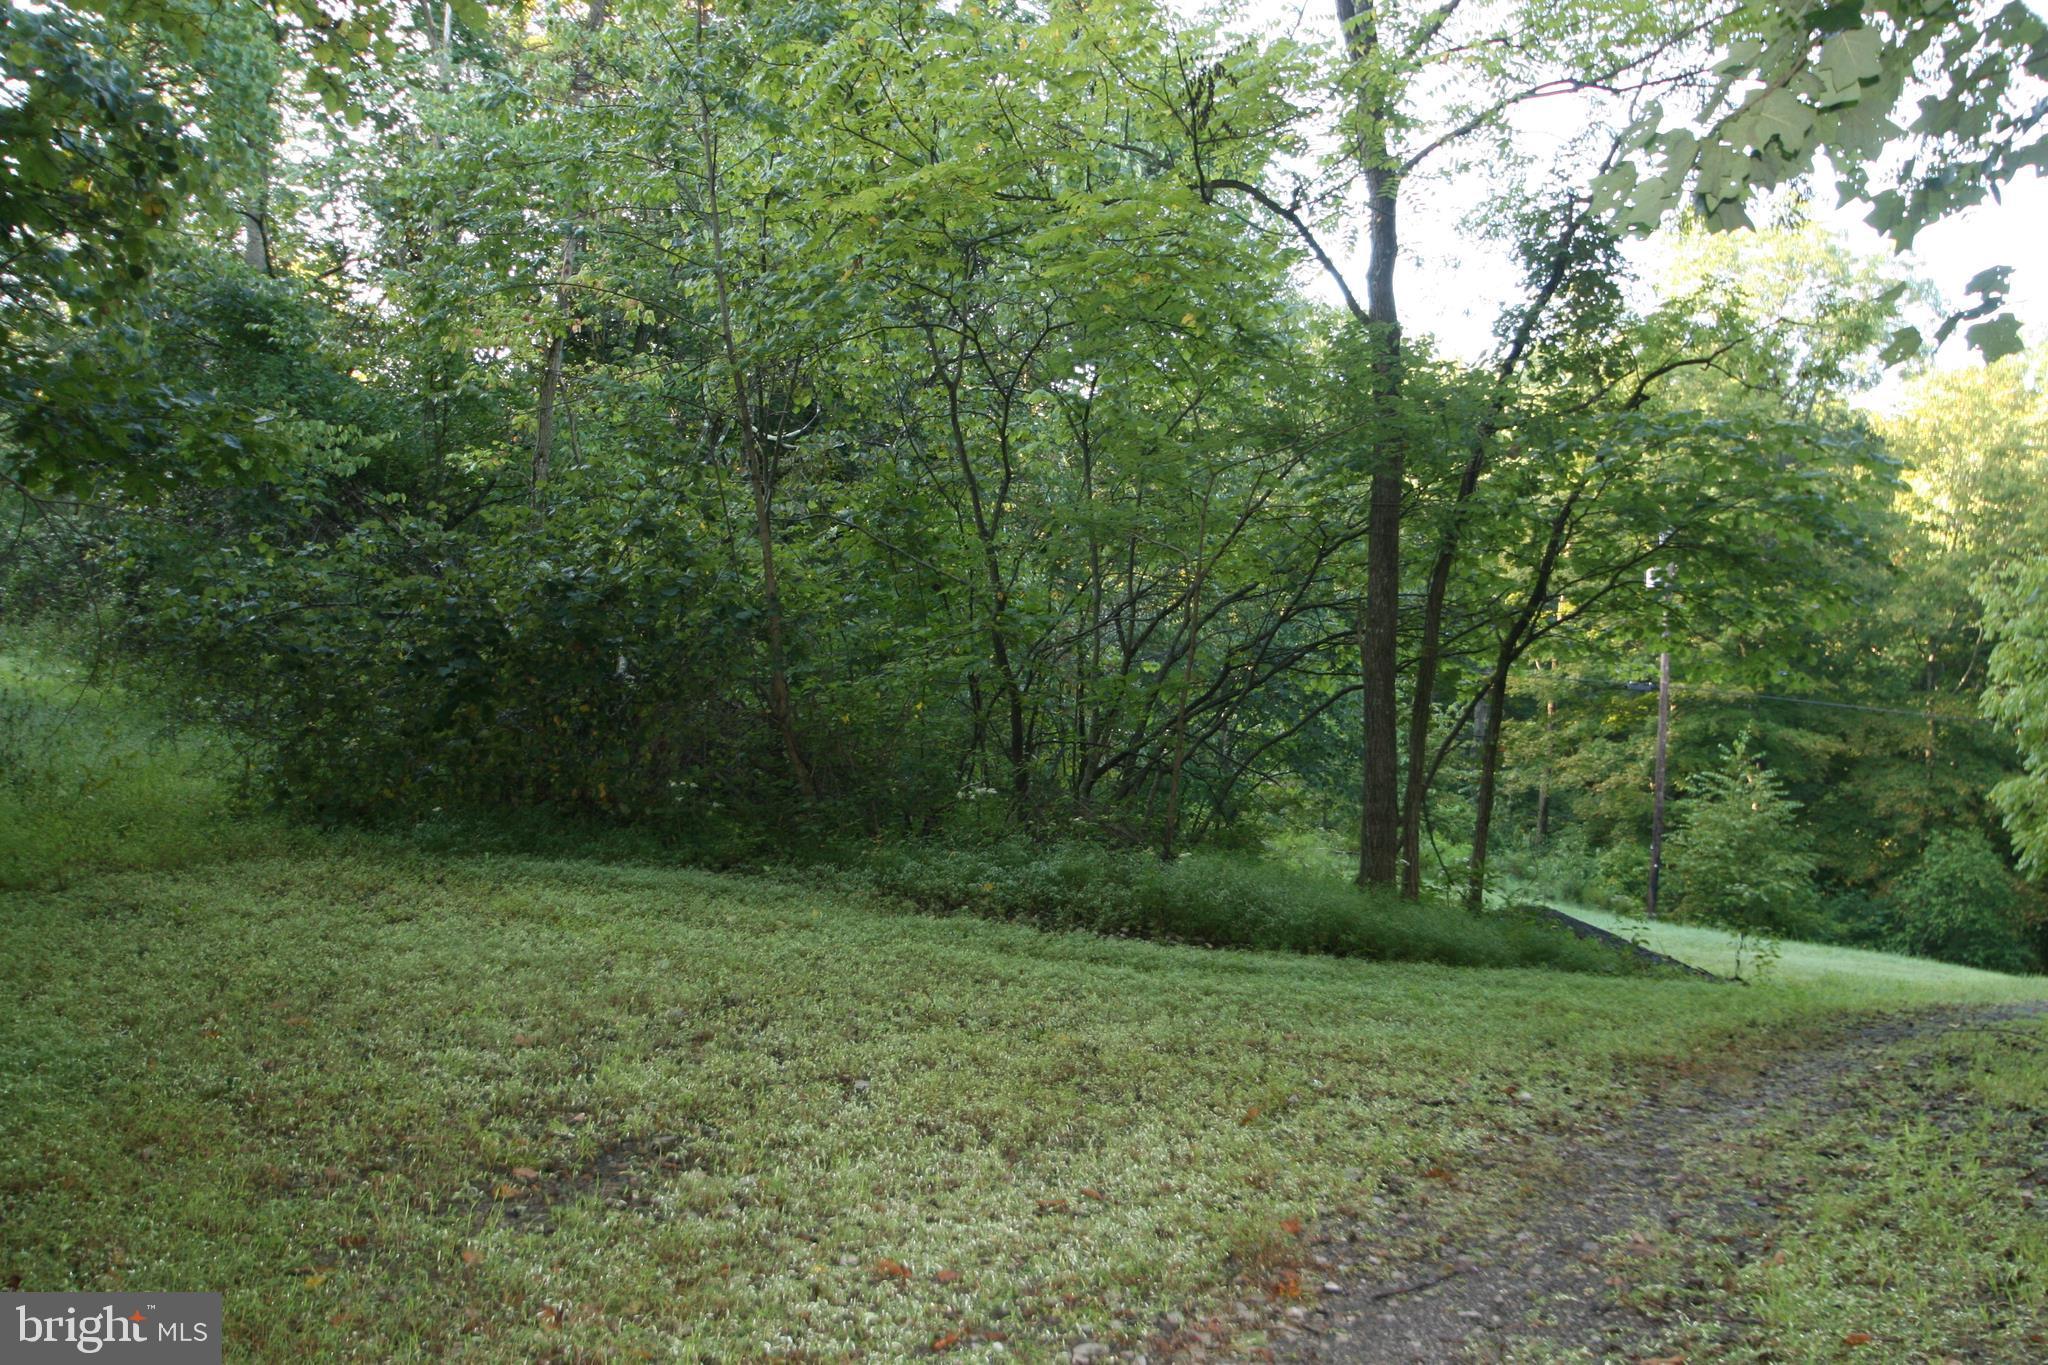 0 SLIPPERY HILL ROAD, SHADE GAP, PA 17255